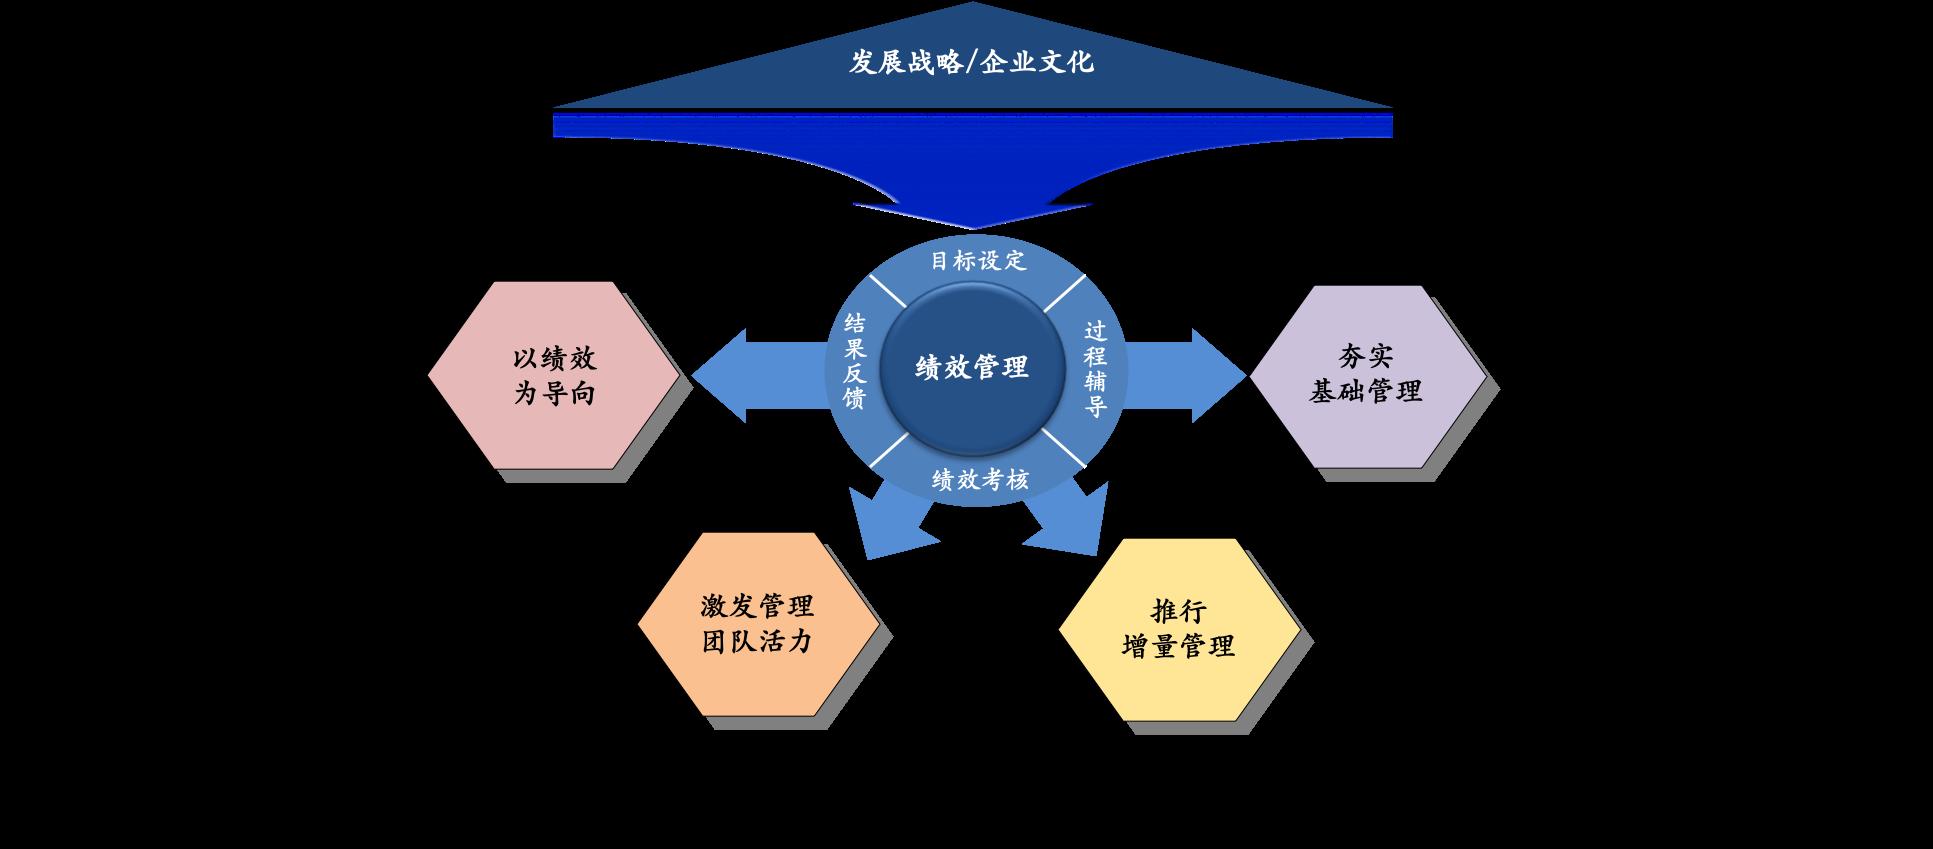 绩效管理体系建设的四大关键价值